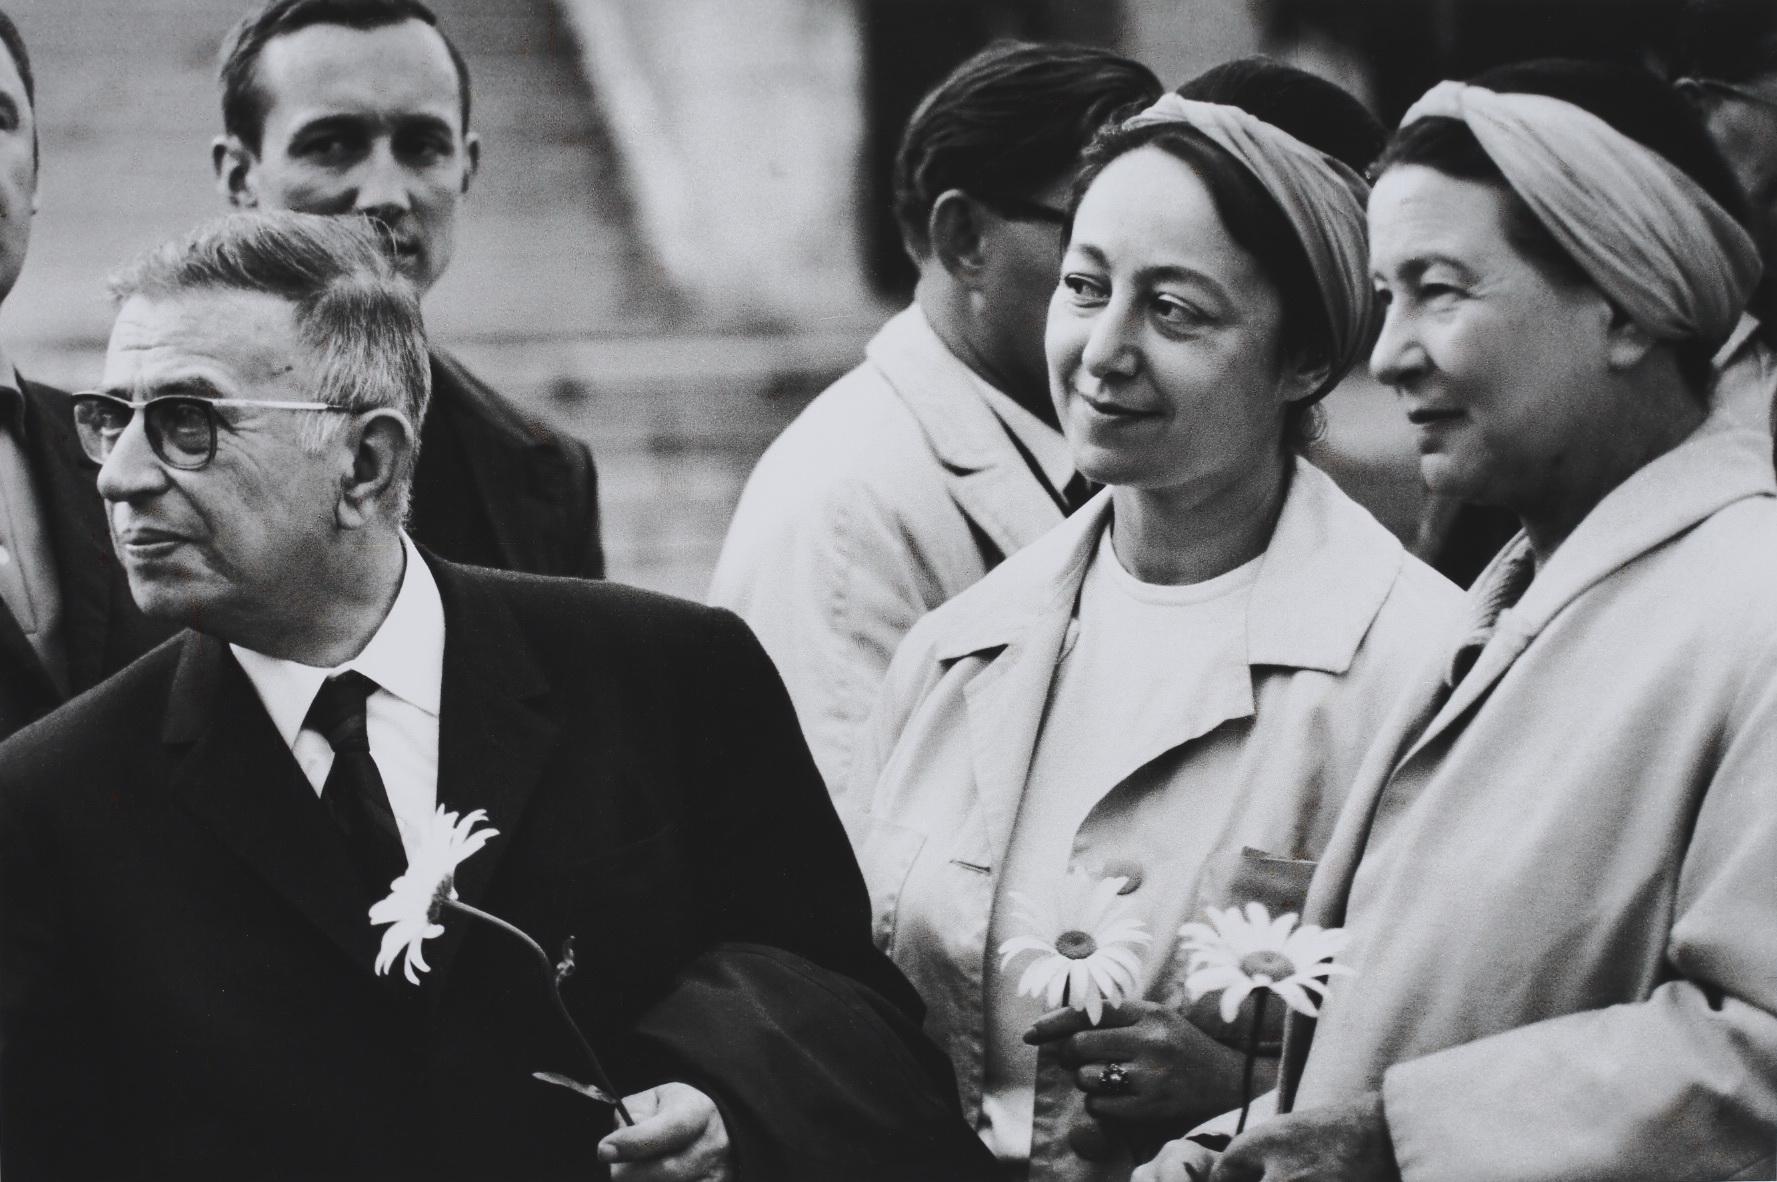 Jean-Paul Sartre and Simone de Beauvoir Nida 1965 by Antanas Sutkus